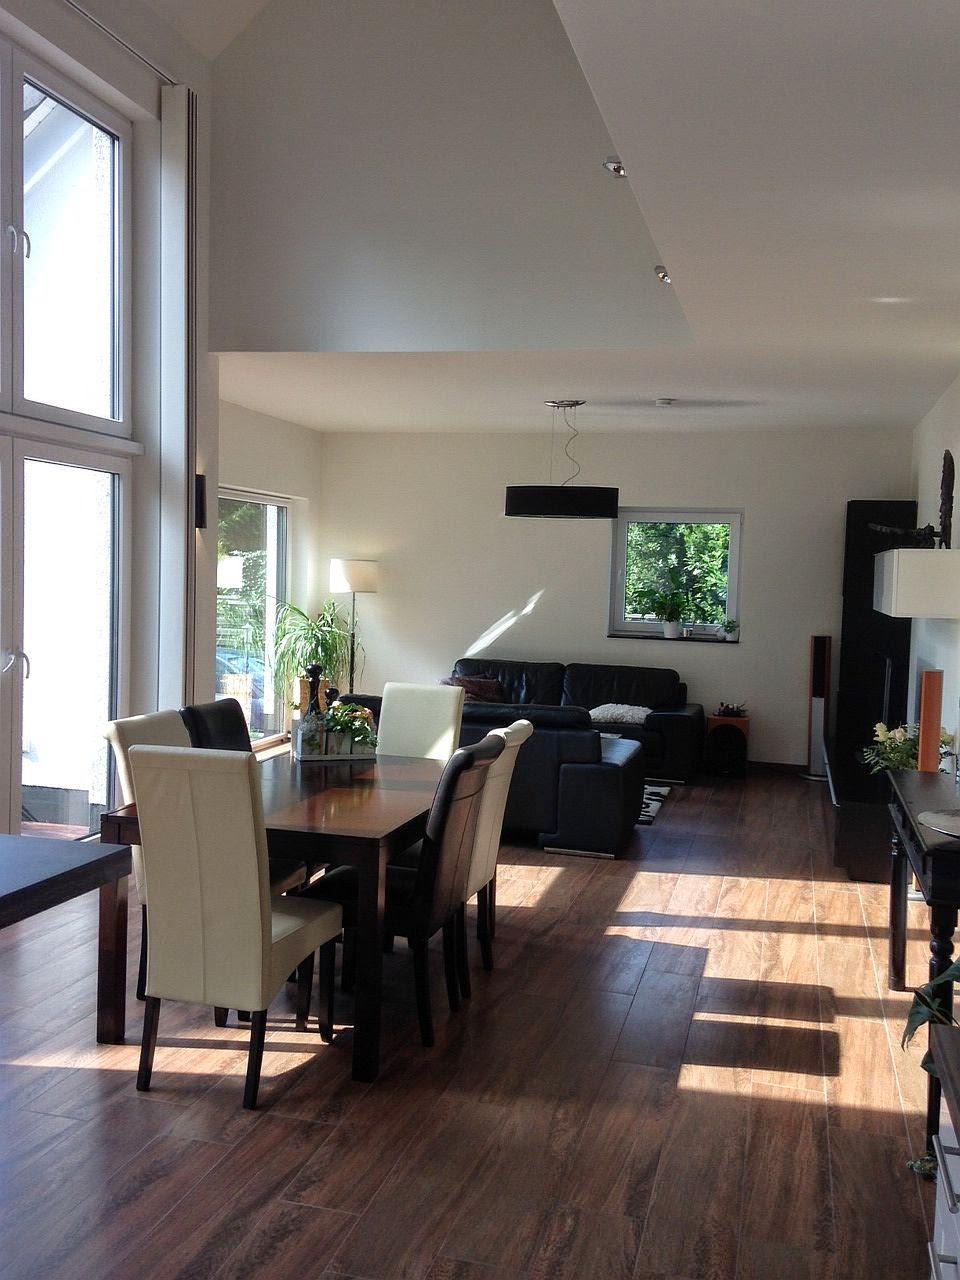 Wohnzimmerz: Inneneinrichtung Wohnzimmer With Umfangreiche ...